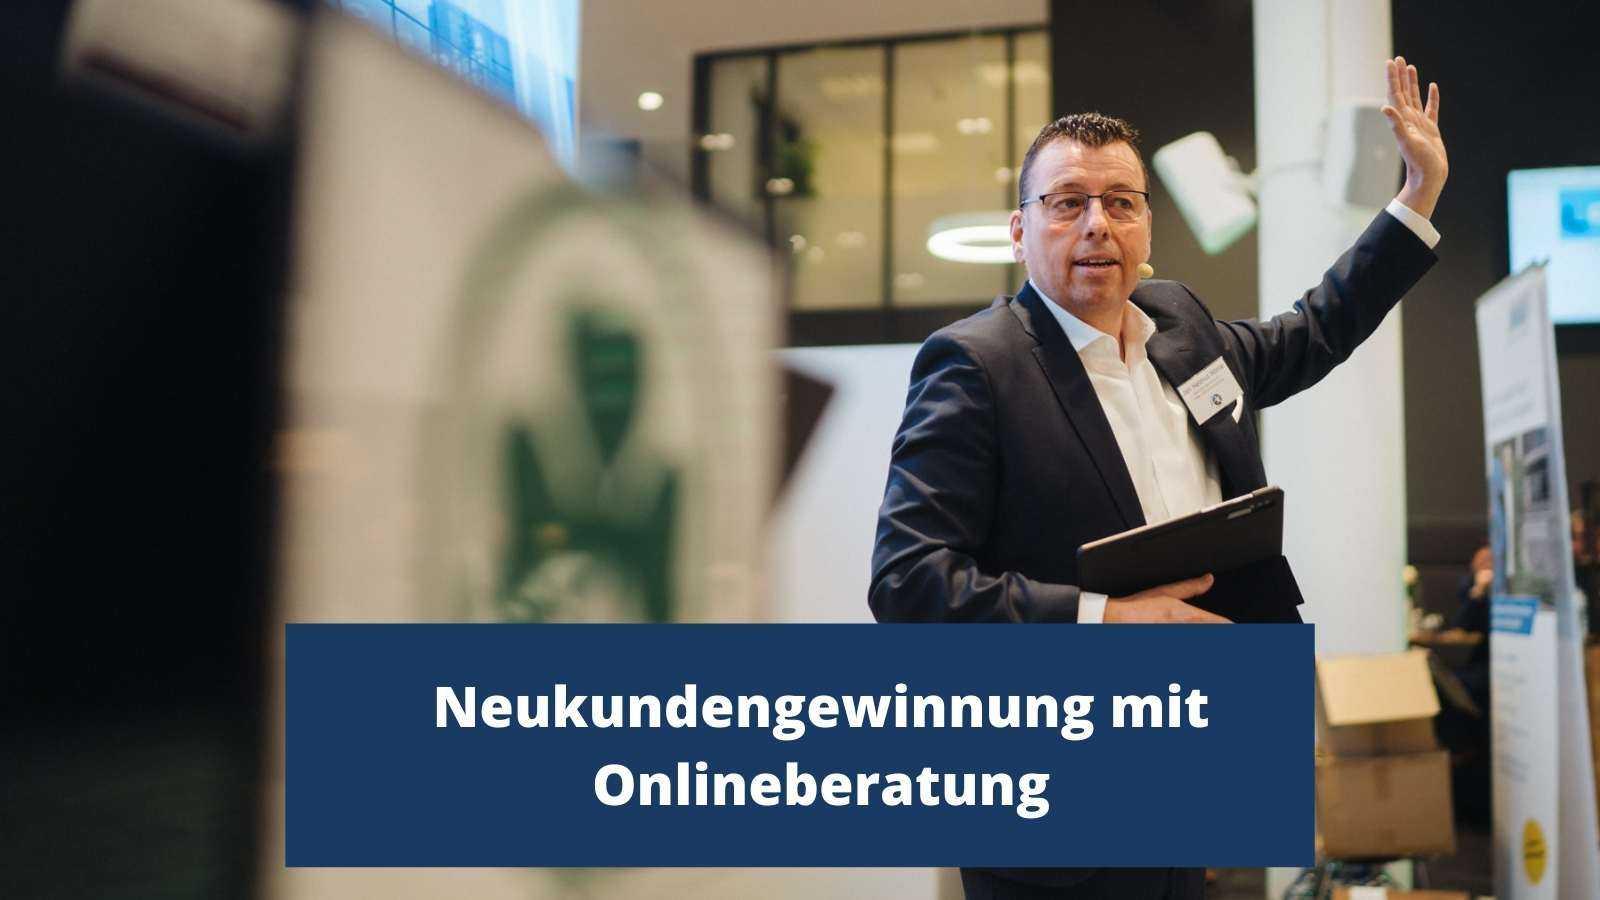 Neukundengewinnung mit Onlineberatung